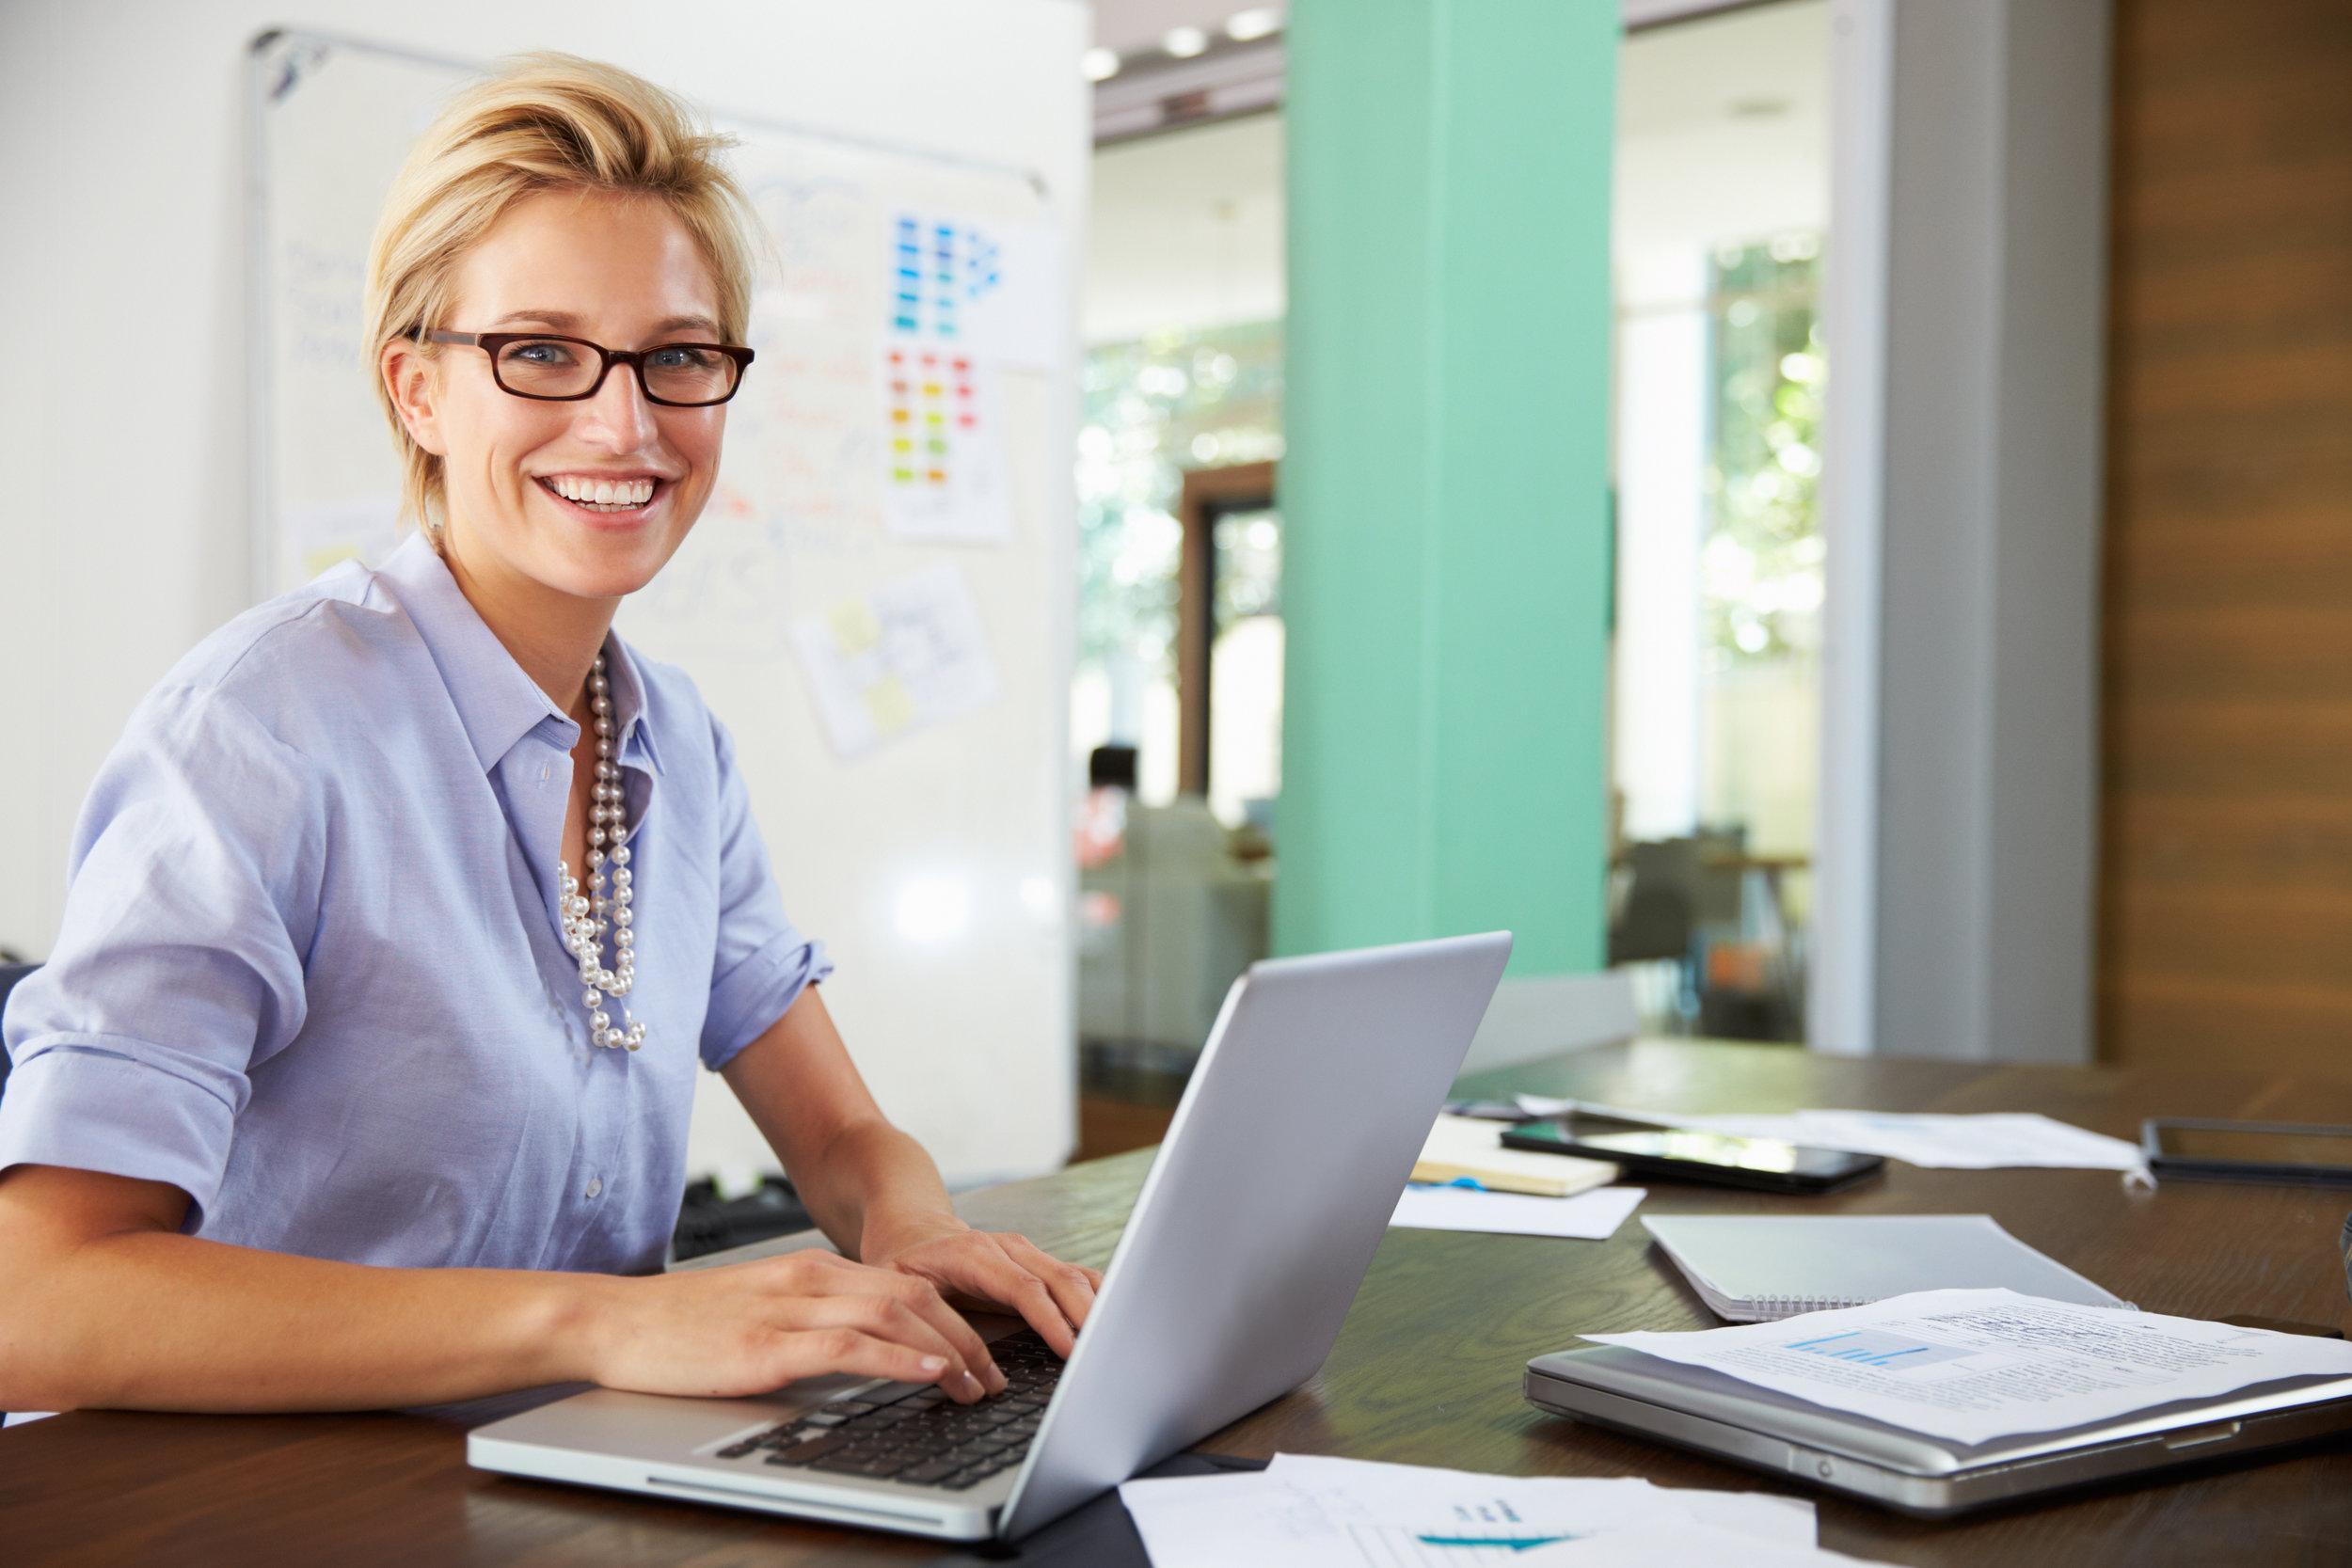 Kvinne ved skrivebord som jobber på PC